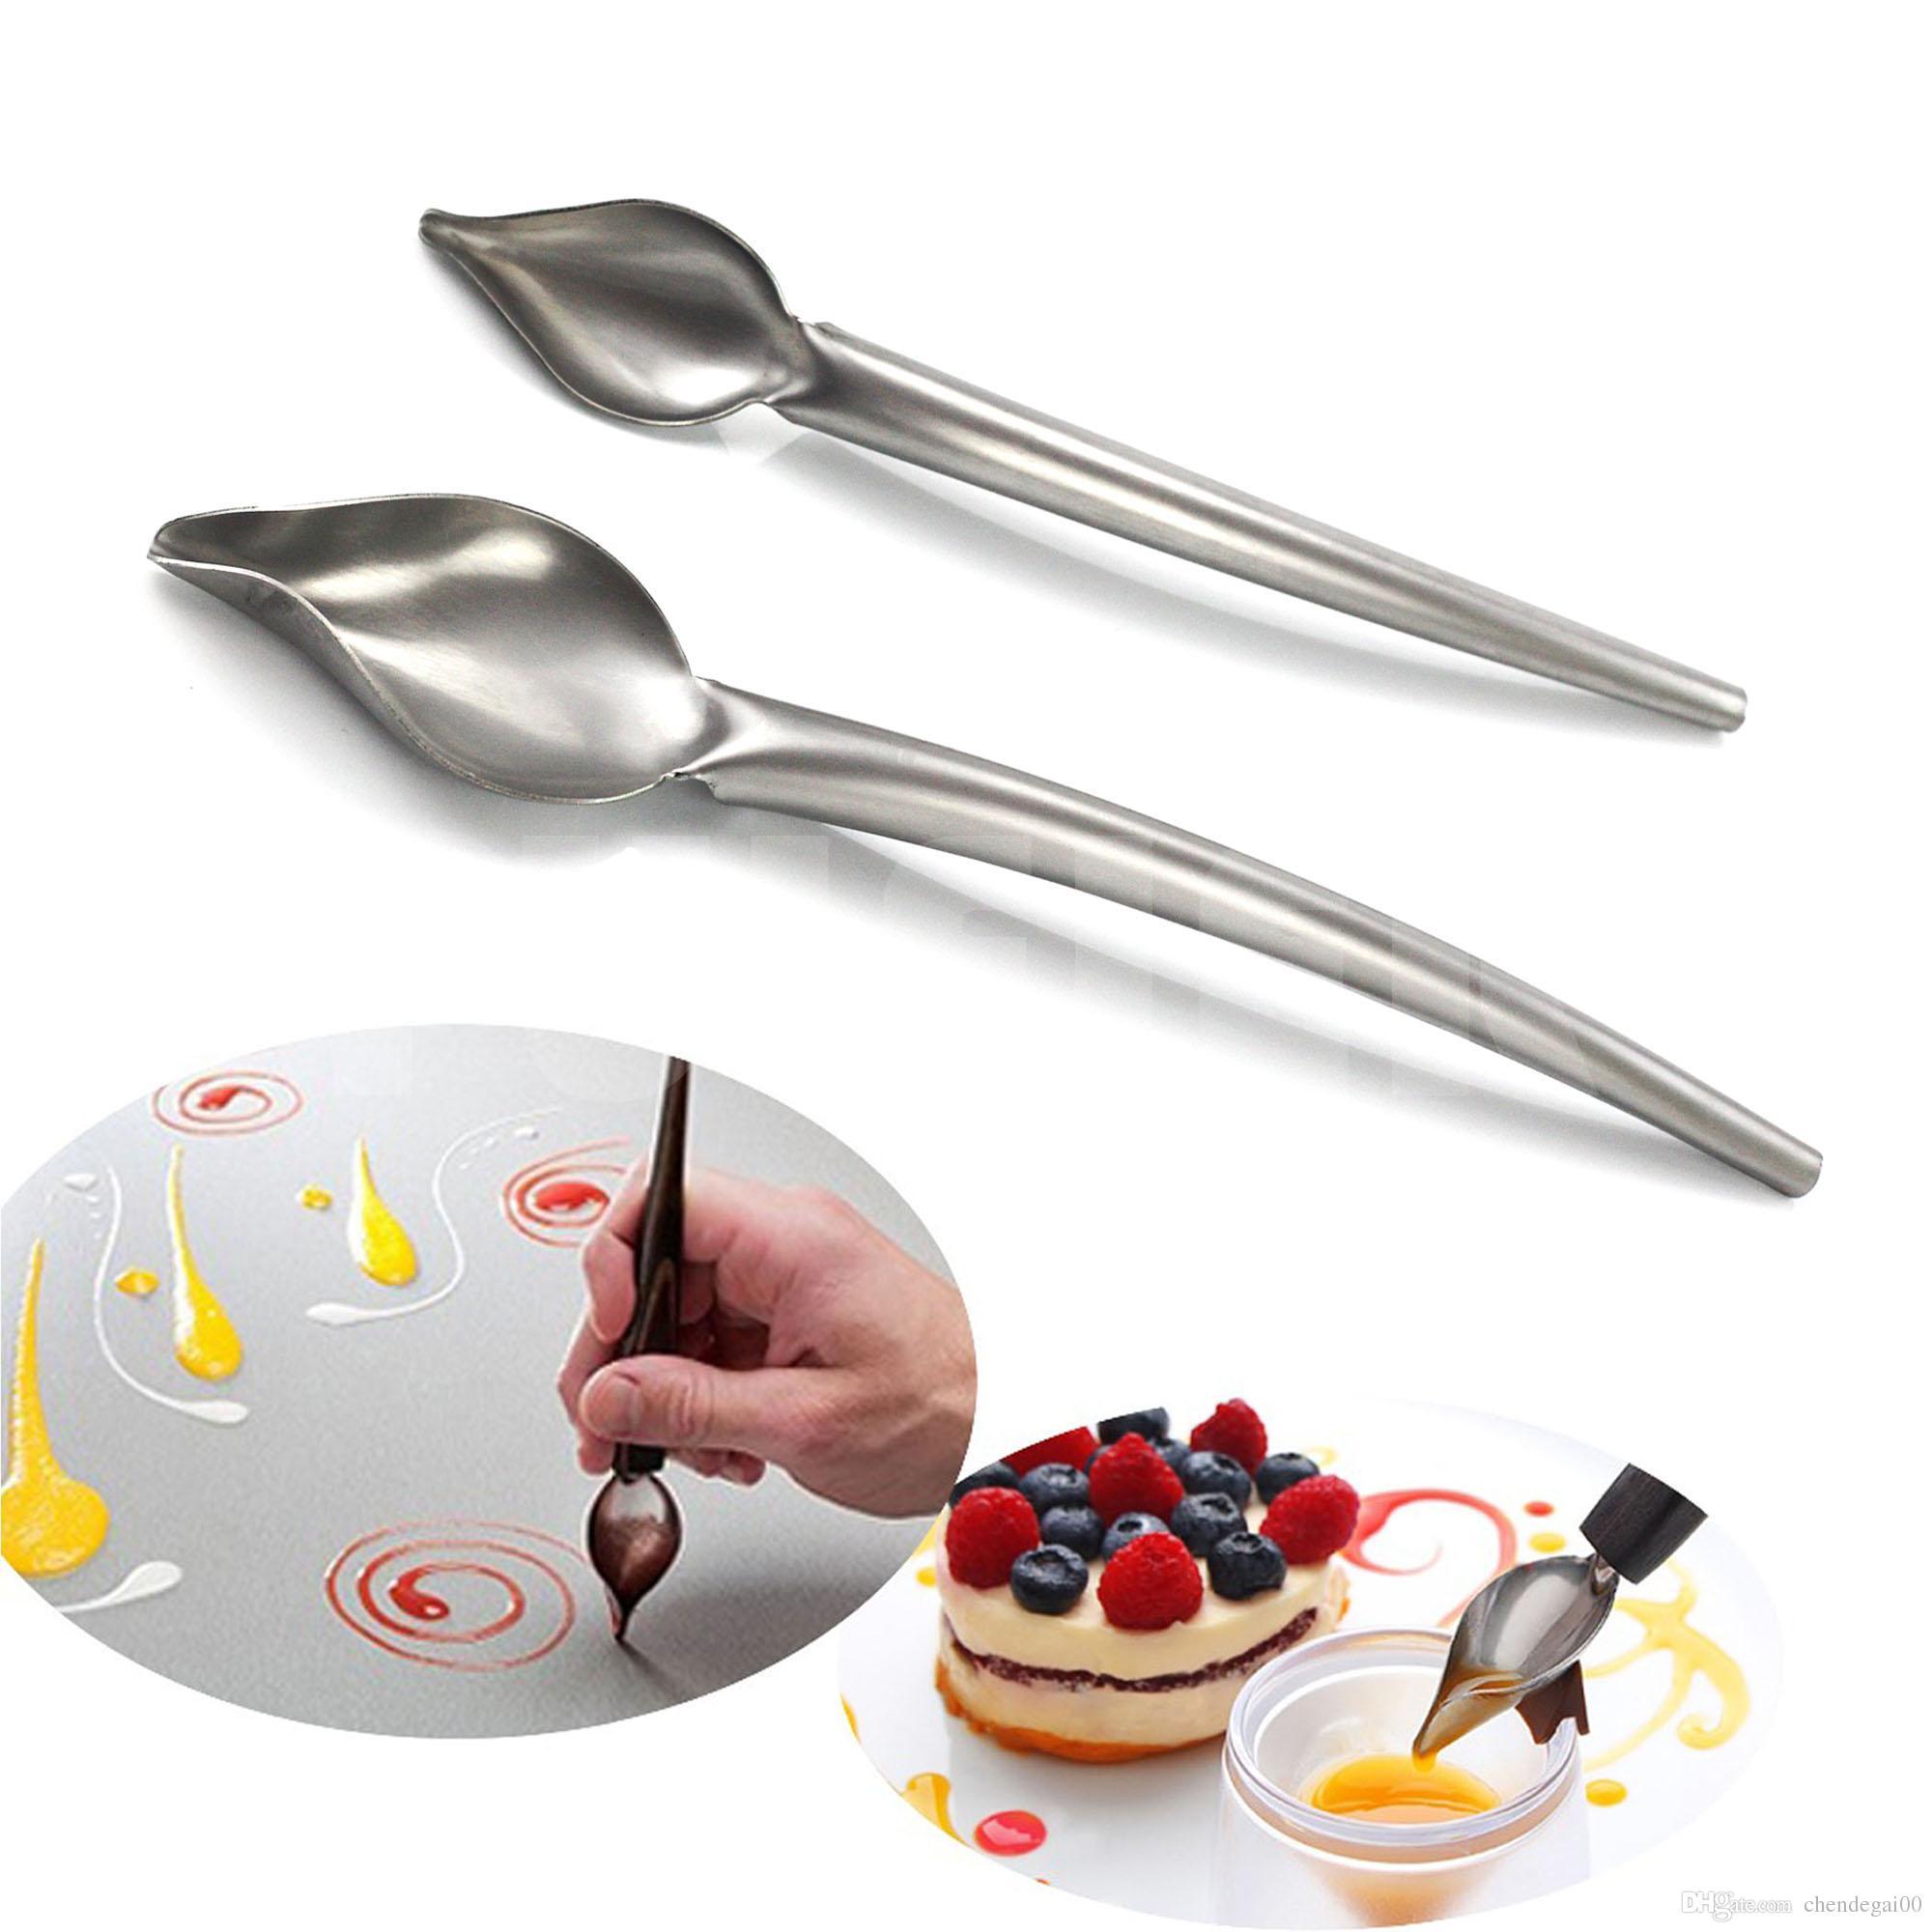 639475f80916 Acquista Utensili Da Cucina In Acciaio Inox Cucchiaio In Acciaio Inox,  Strumento Fare Caramelle Gelato Attrezzi Da Cucina, Strumenti Di  Decorazione Torta ...